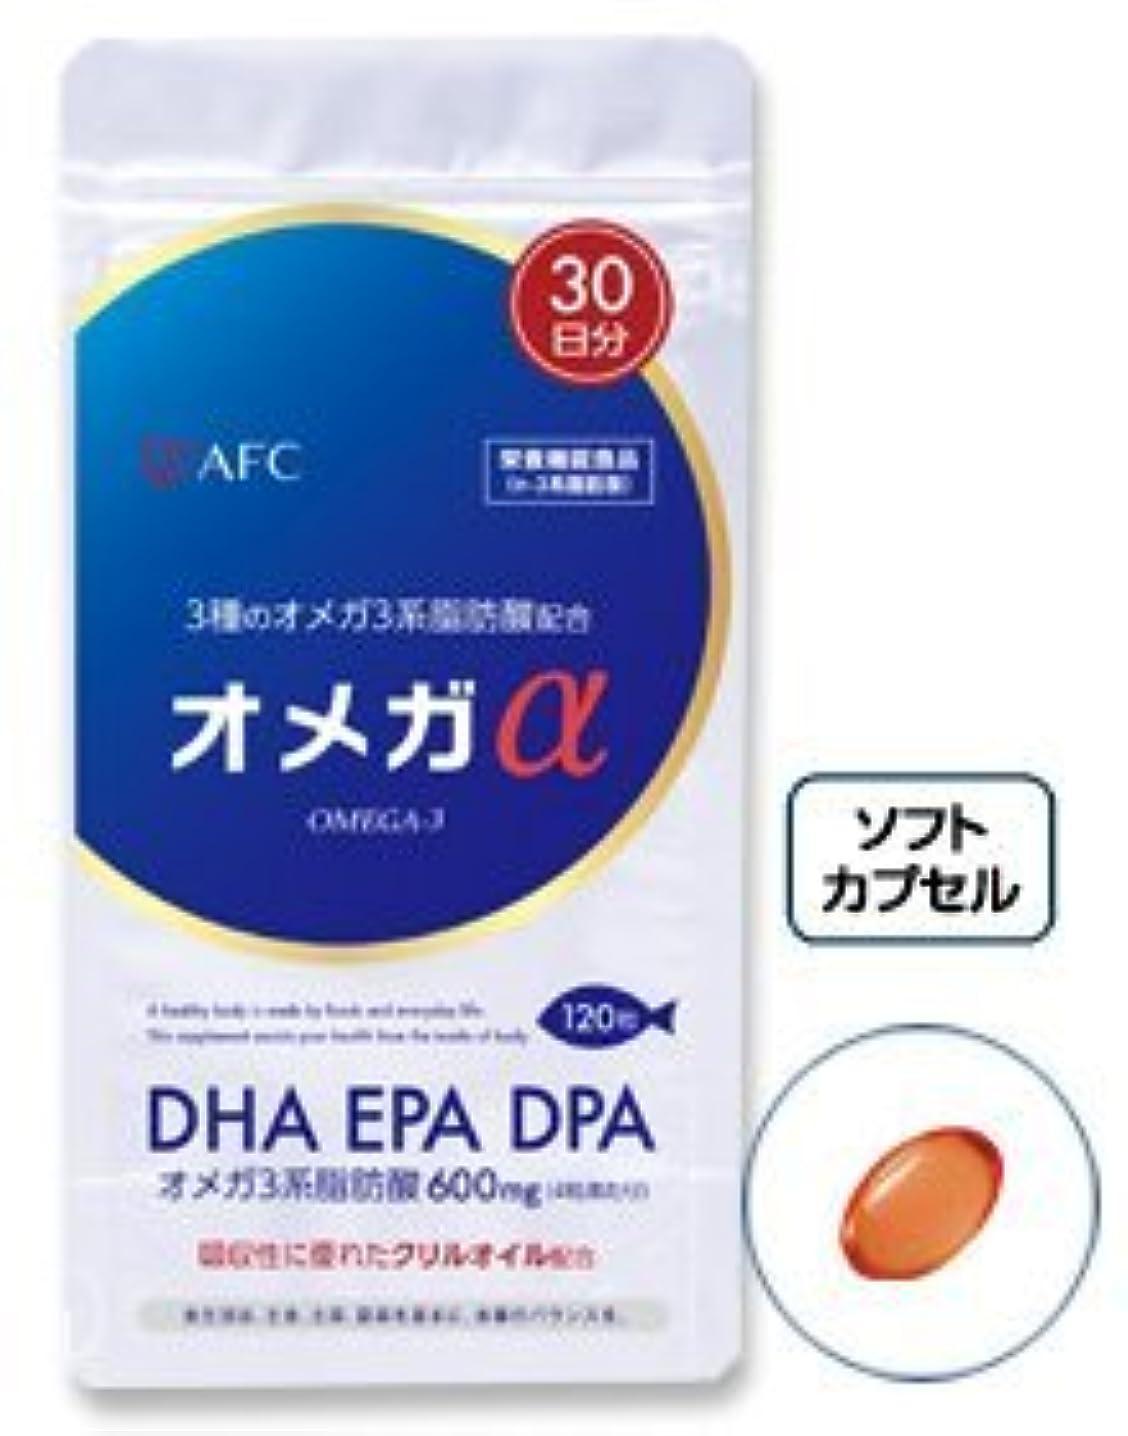 サッカーイチゴ頼む【AFC公式ショップ】とってもお得な3個セット!30日分 オメガスリー オメガα (オメガ アルファ) ソフトカプセル DHA DPA EPA クリルオイル